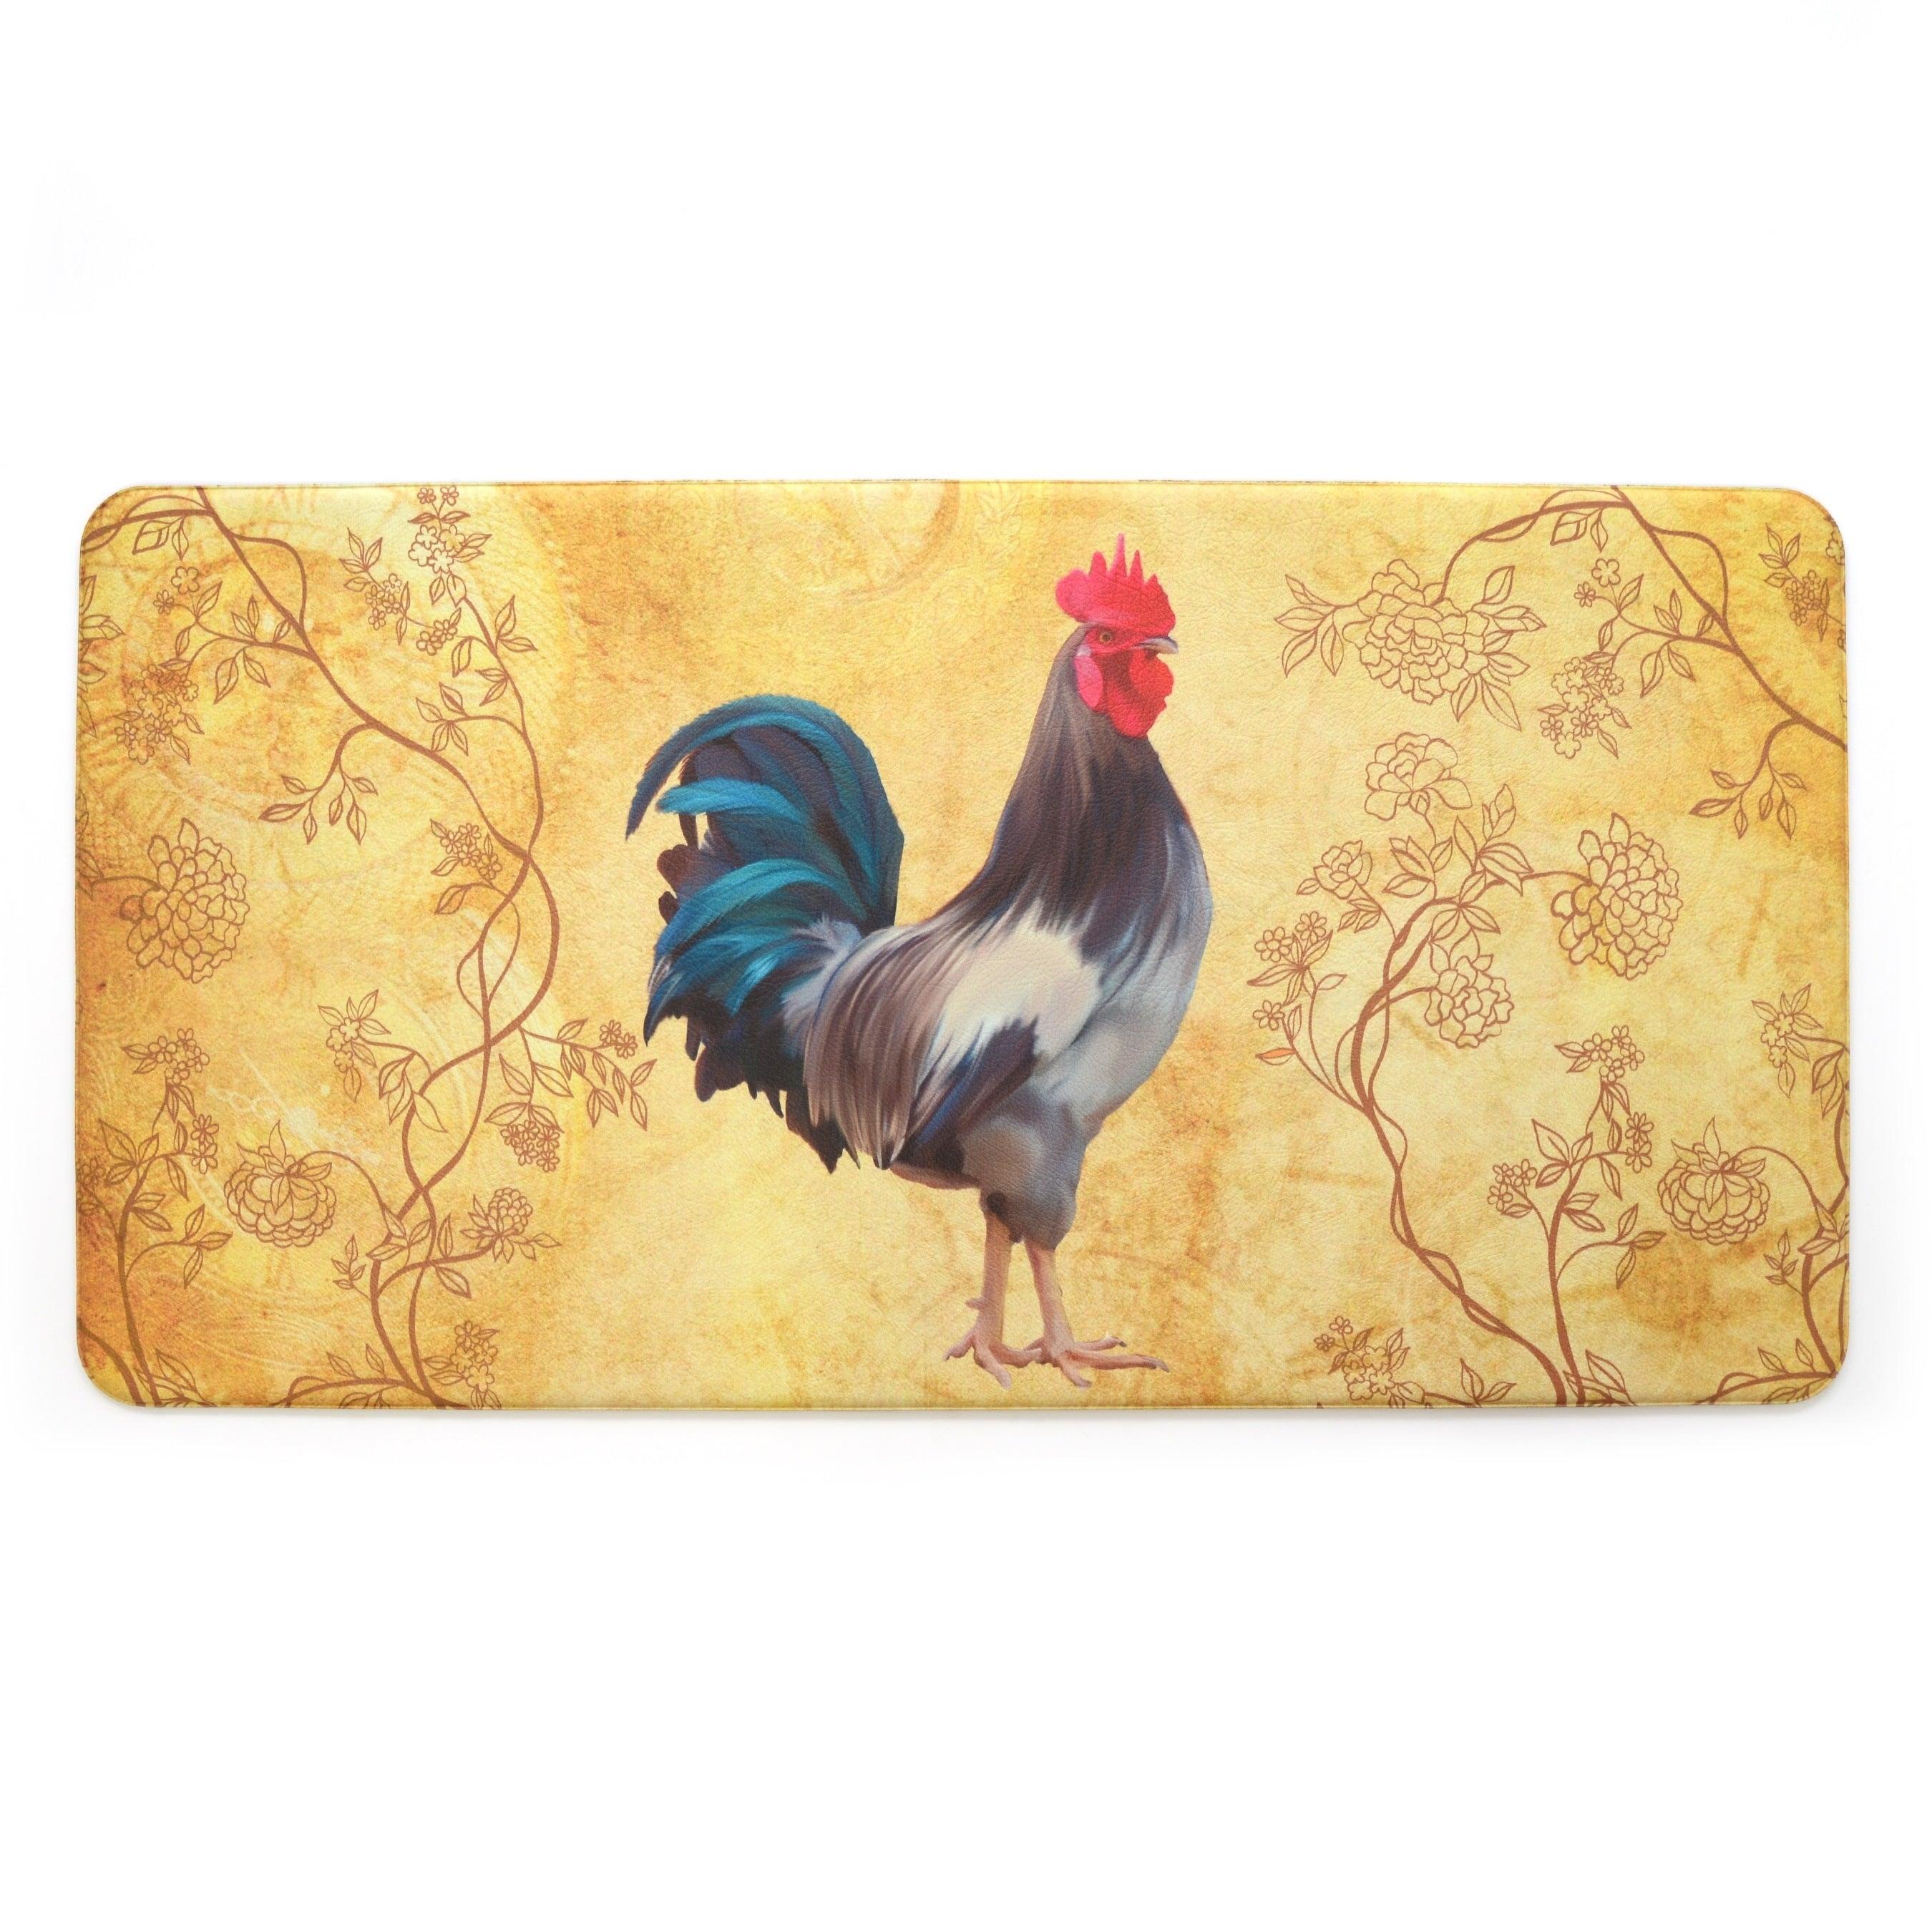 Stephan Roberts Premium Kitchen Anti Fatigue Floor Mat Harvest Rooster 20 X 39 In Overstock 22750353